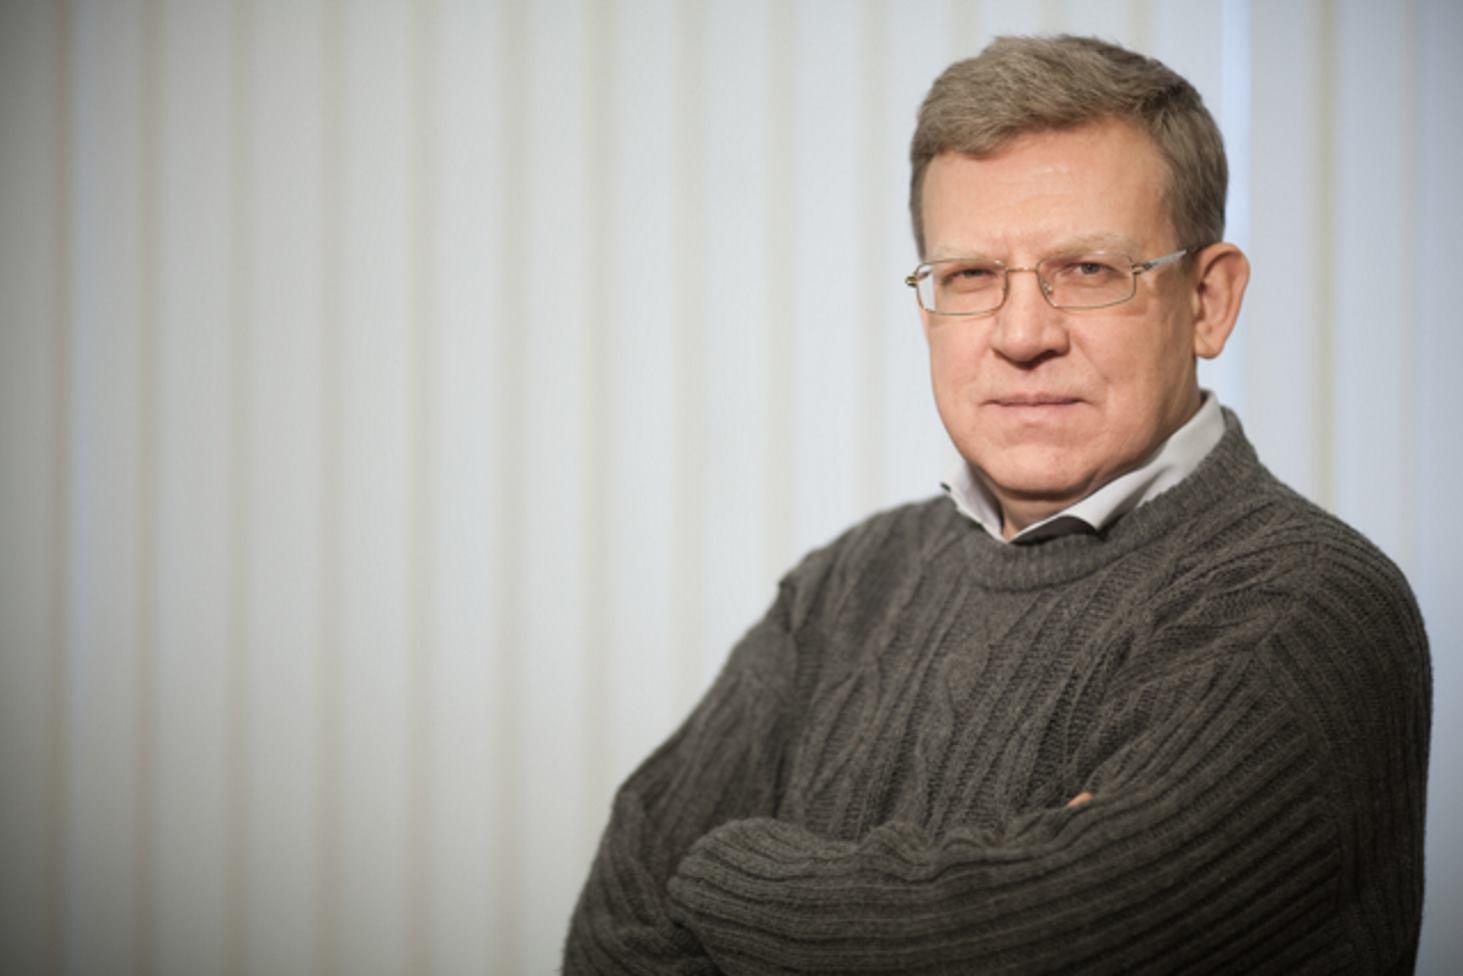 aleksej-kudrin-na-obrazovanie-rossiya-tratit-menshe-chem-vedushhie-strany